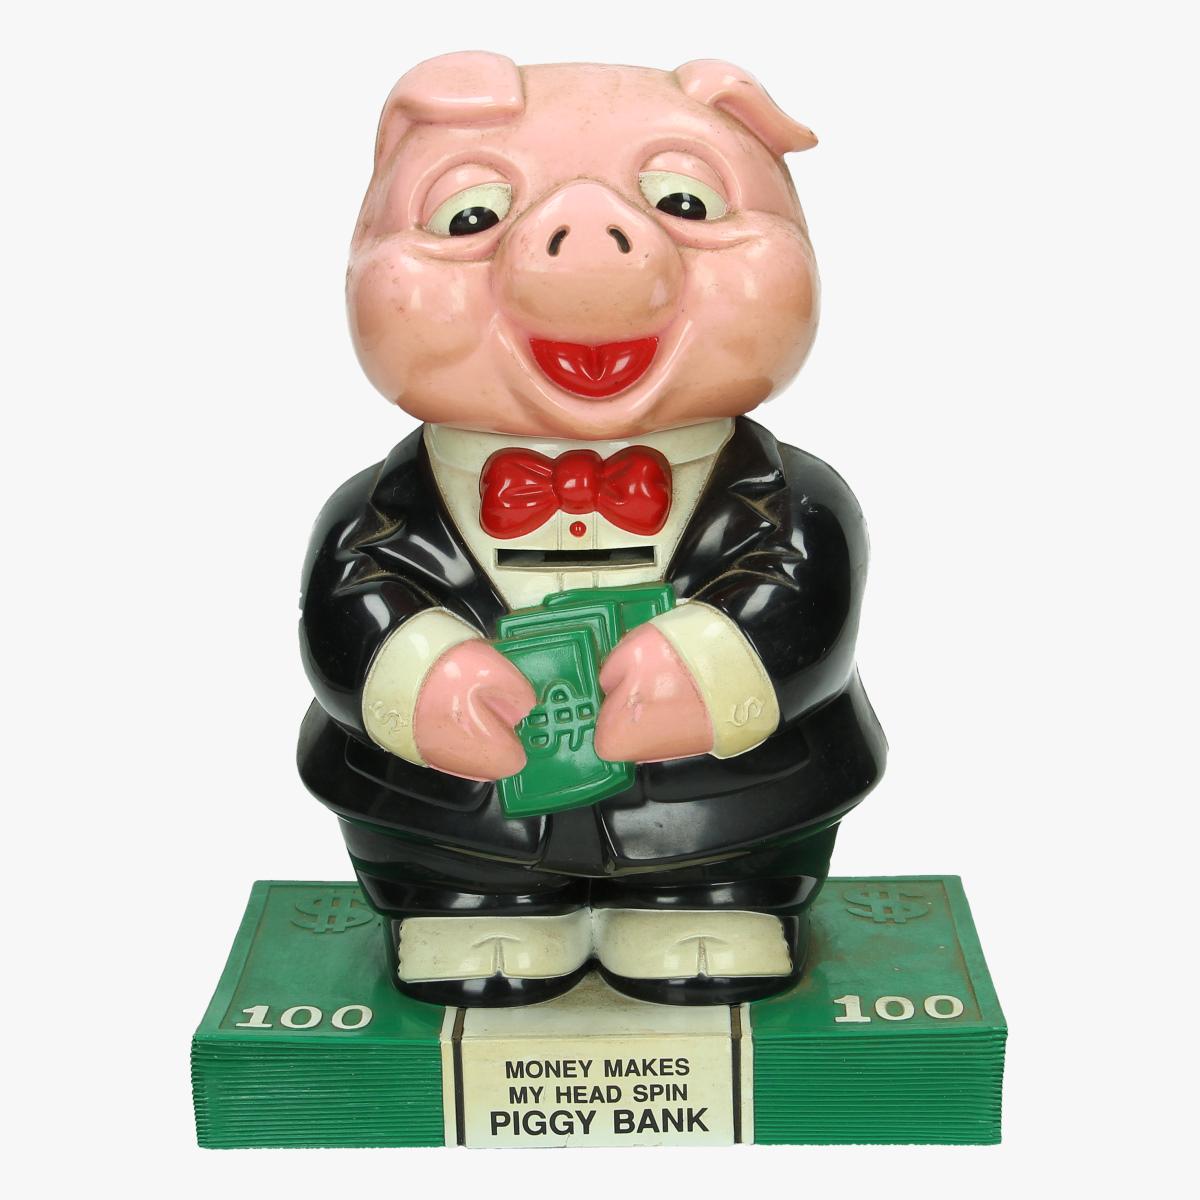 Afbeeldingen van spaarpot money makes my head spin piggy bank